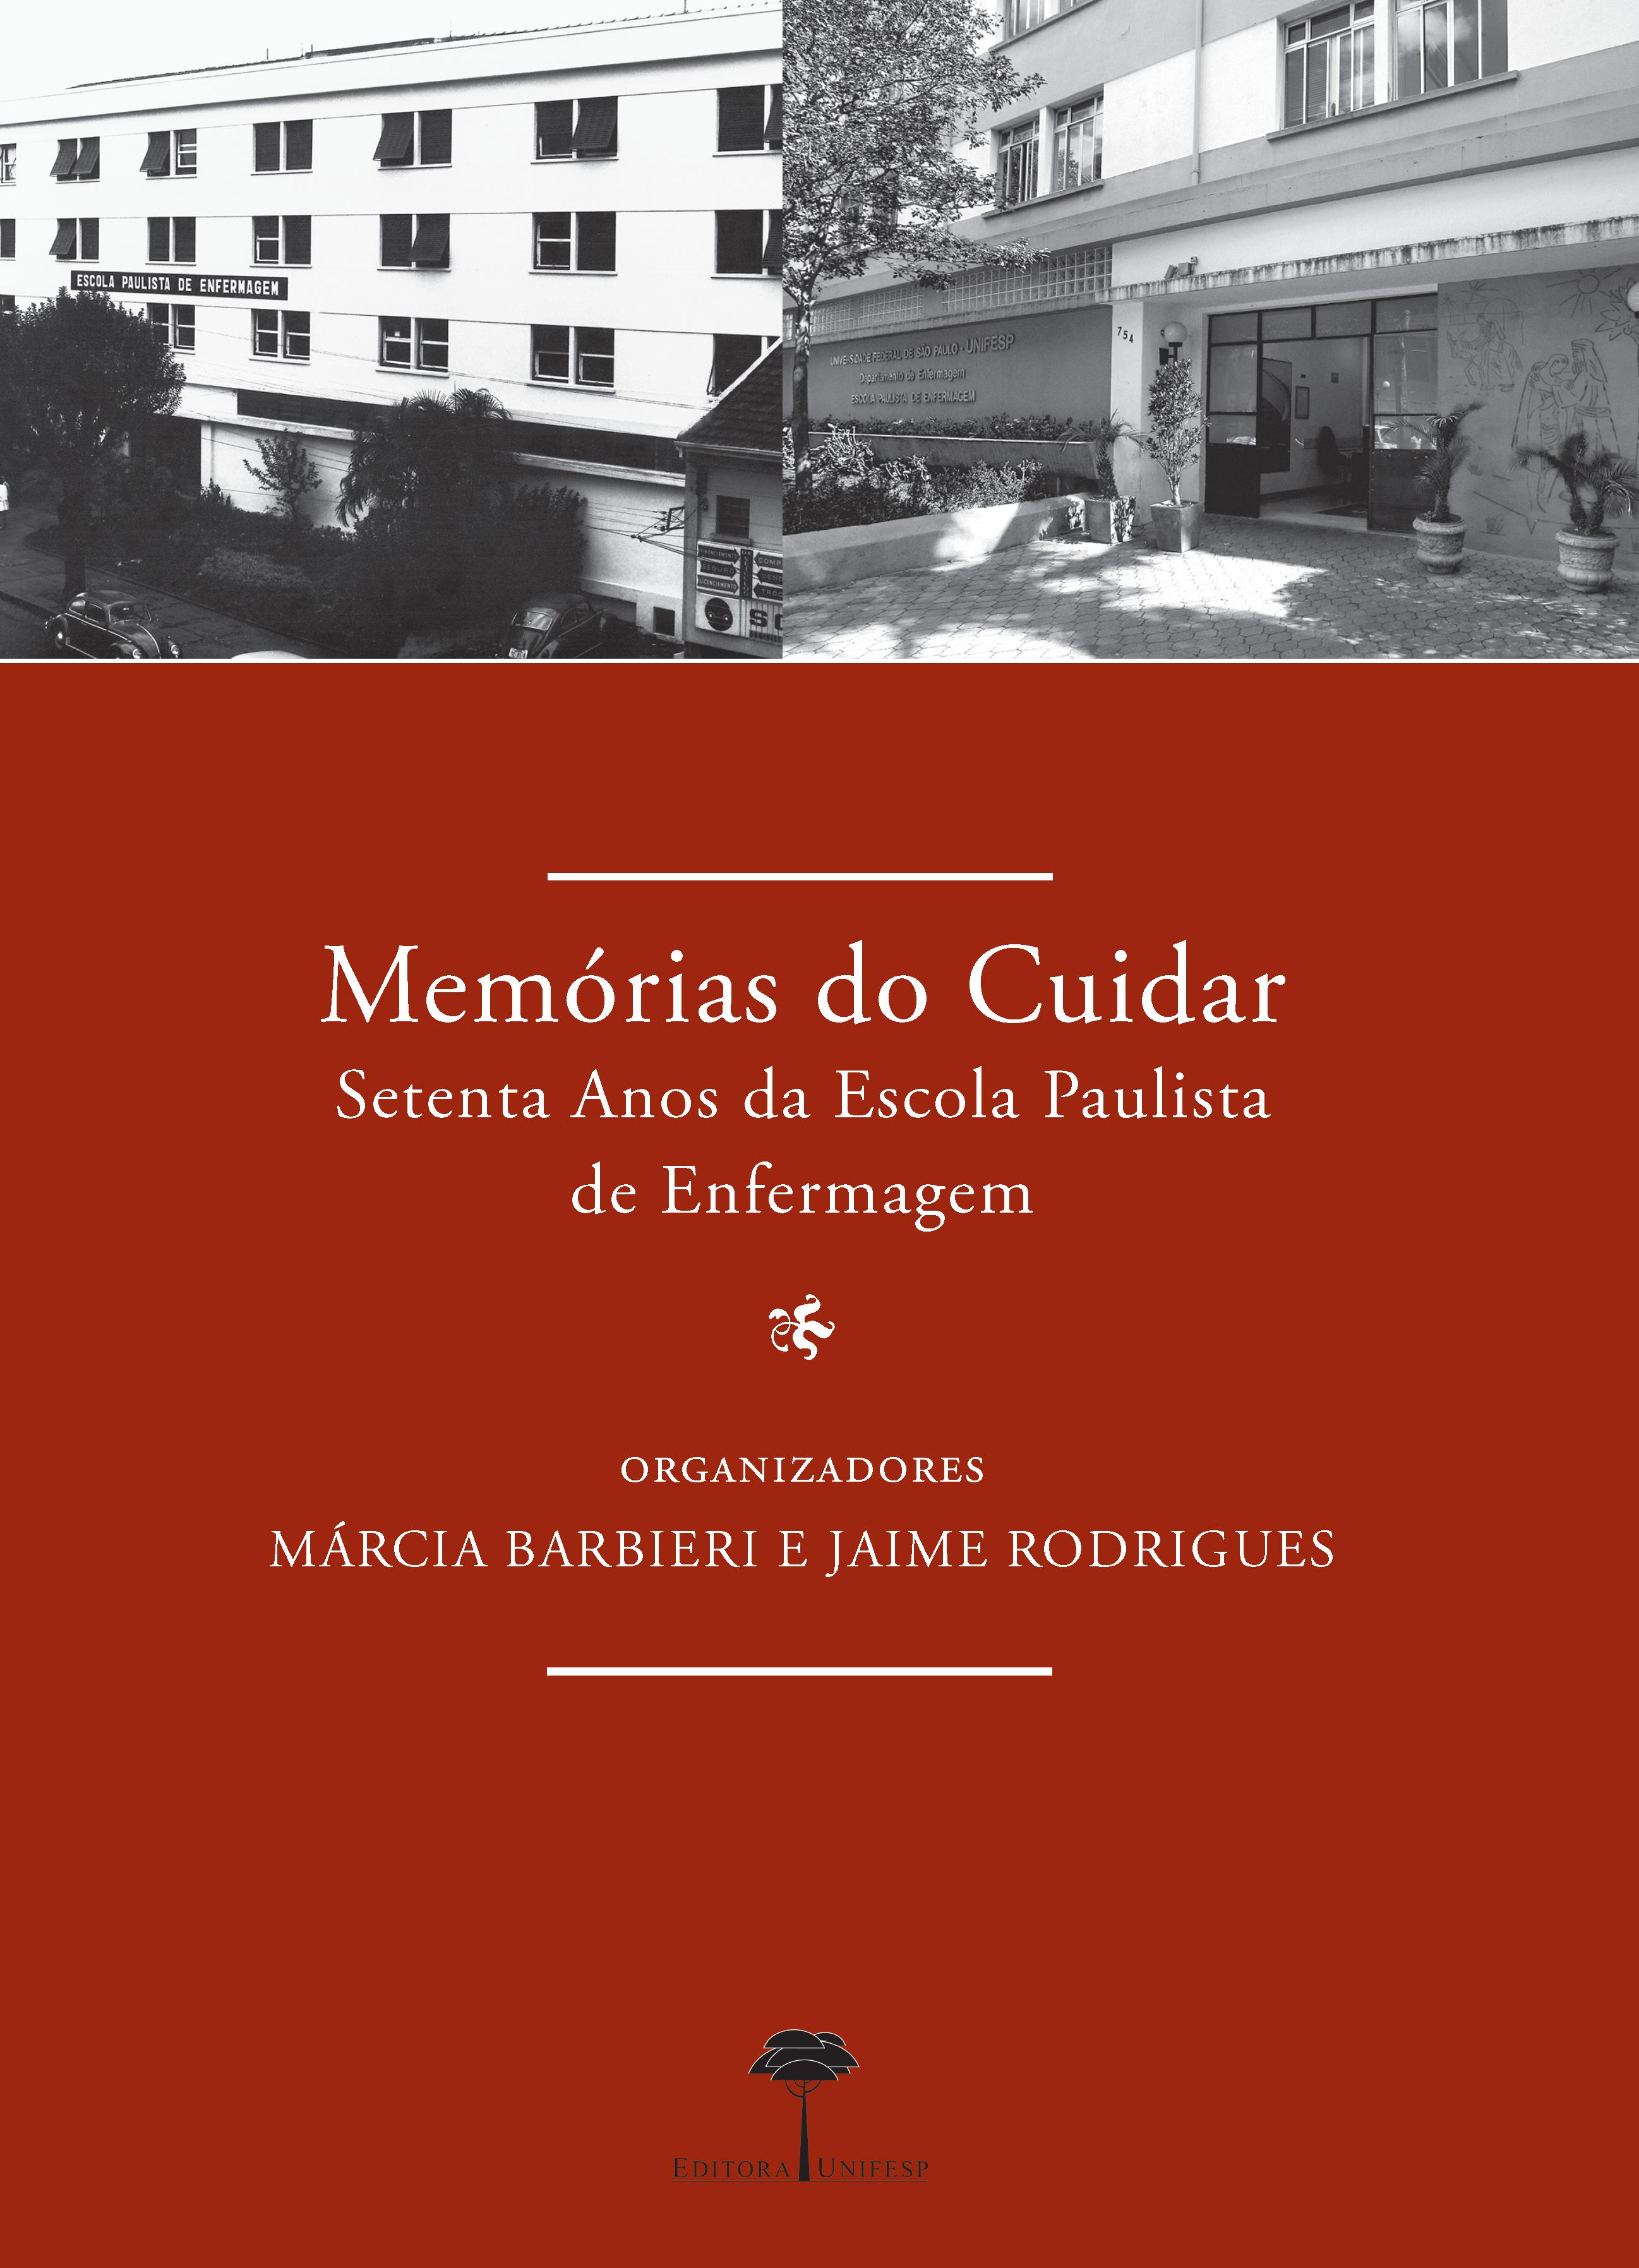 Memórias do Cuidar - setenta anos da escola paulista de enfermagem, livro de Márcia Barbieri, Jaime Rodrigues (orgs.)